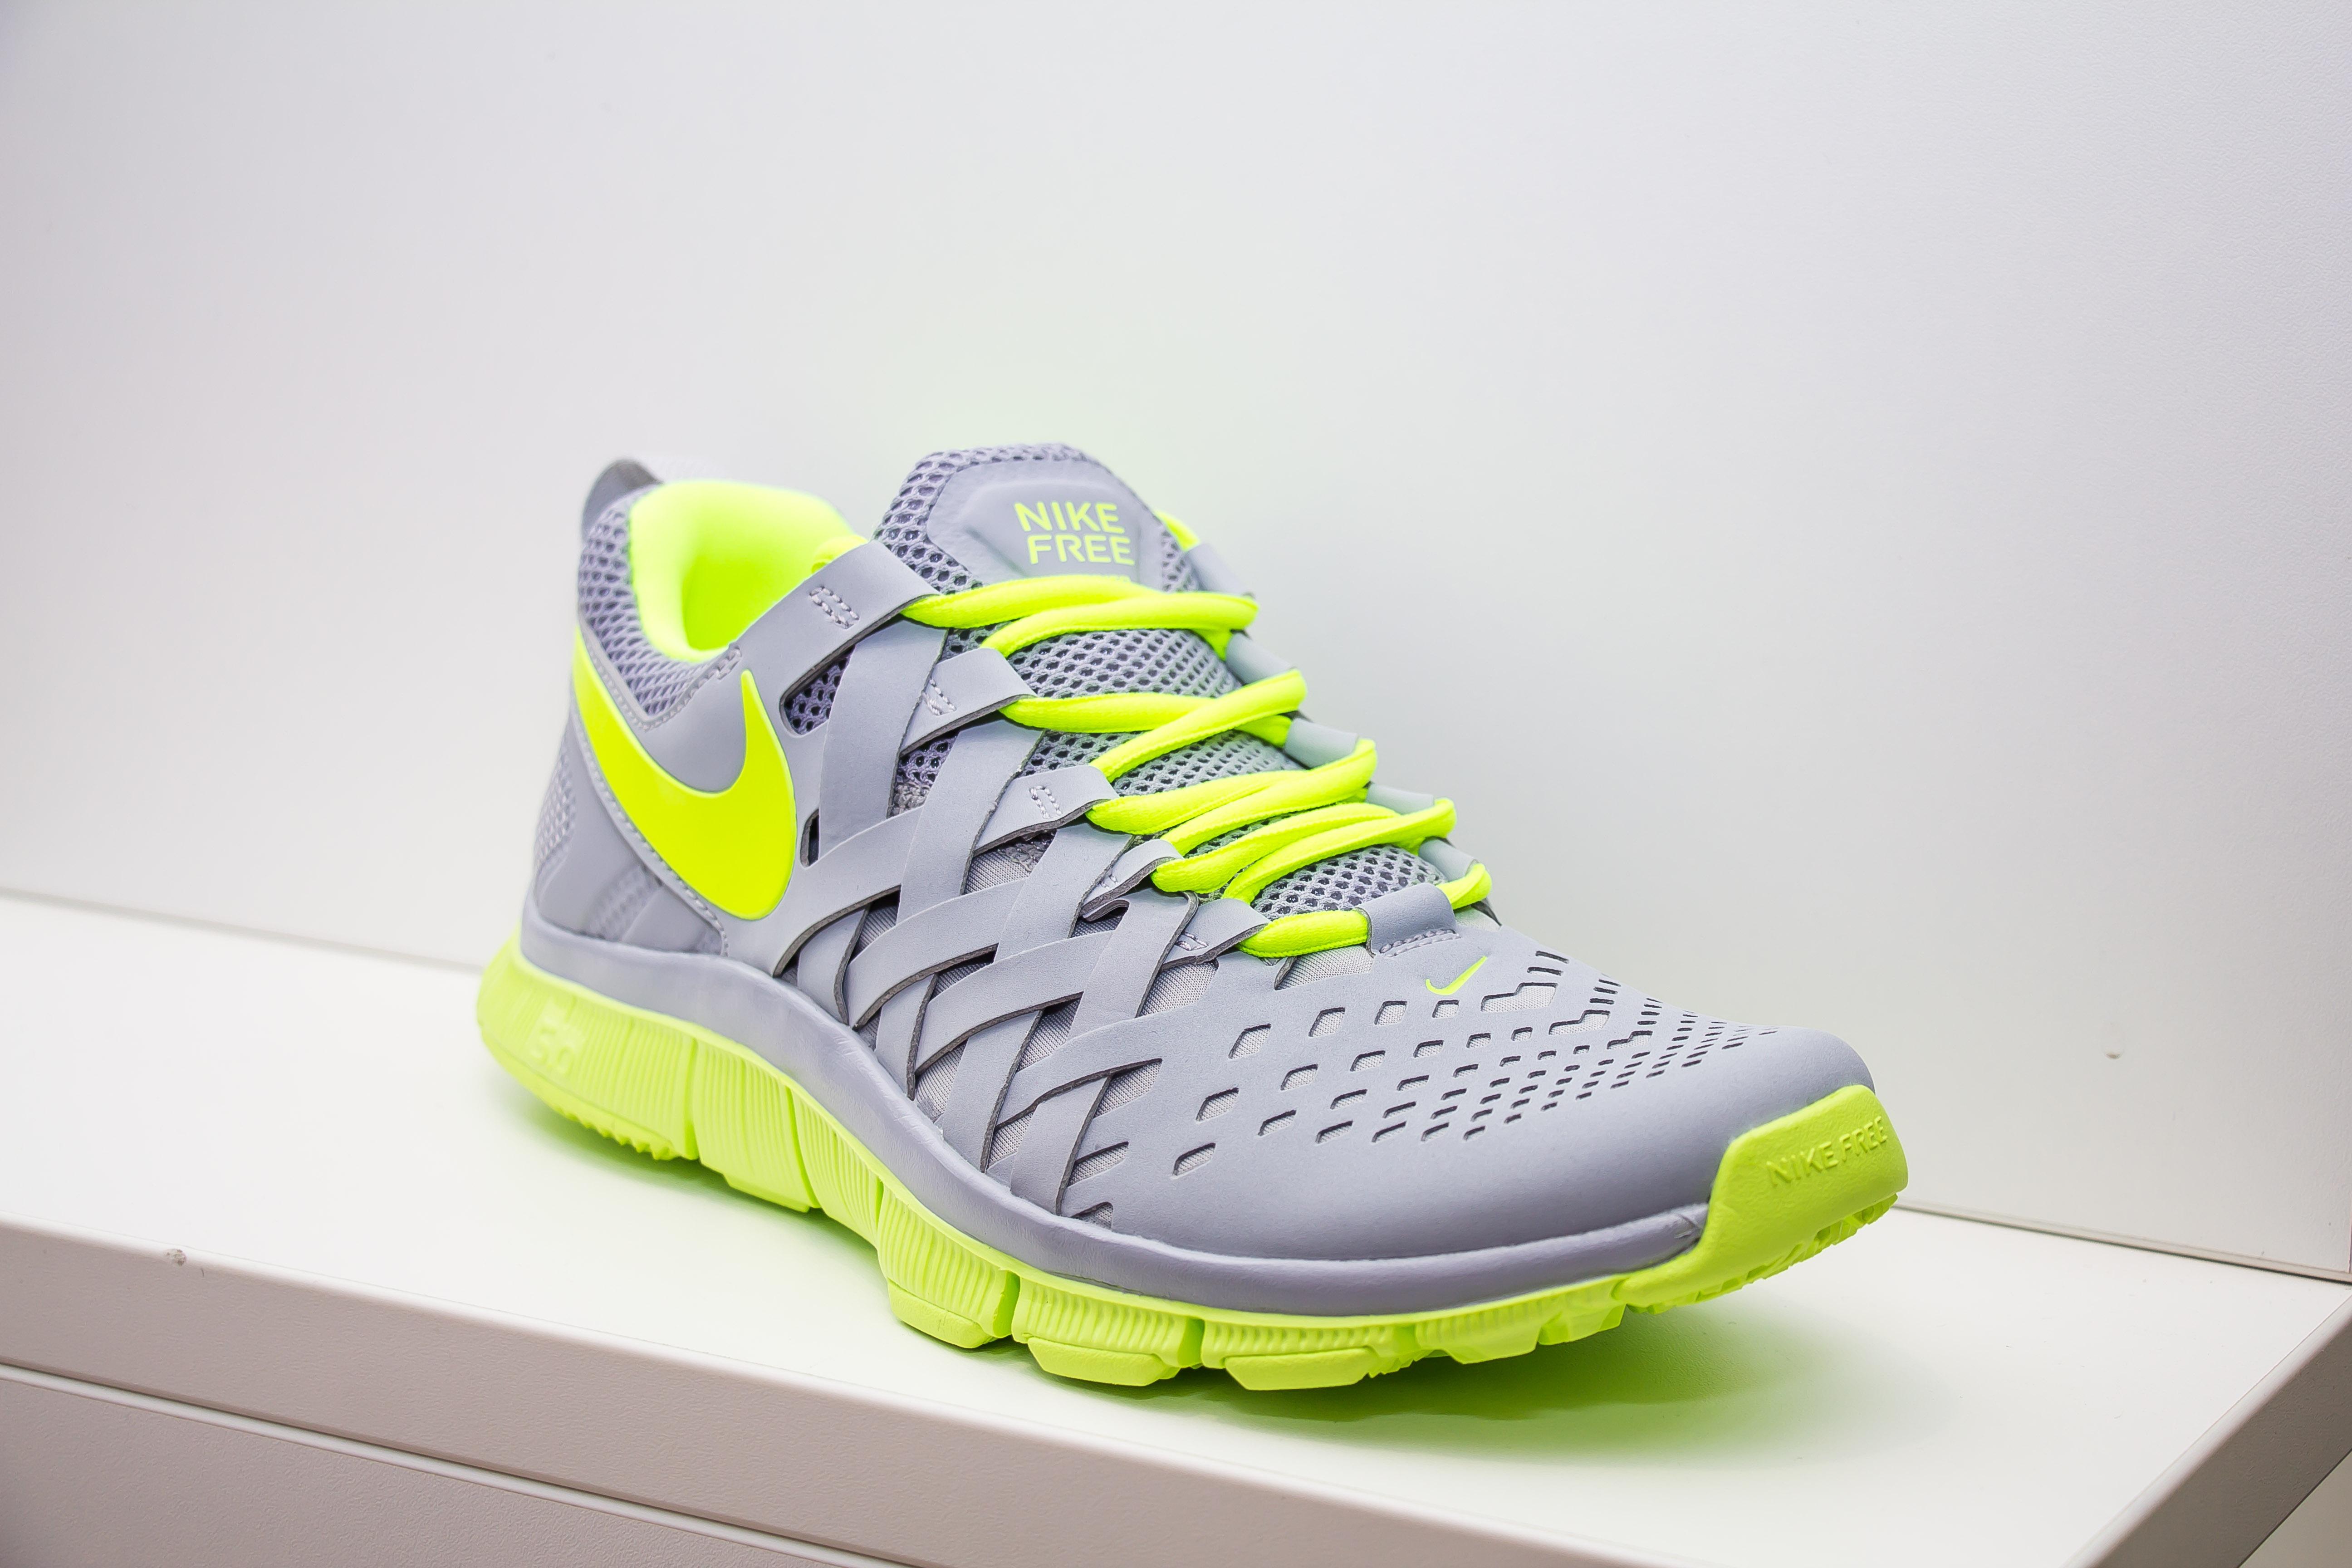 c3b5133d044e10 shoe sport feet run green foot yellow garment tennis shoe product shoes  race sneakers shoelaces leash